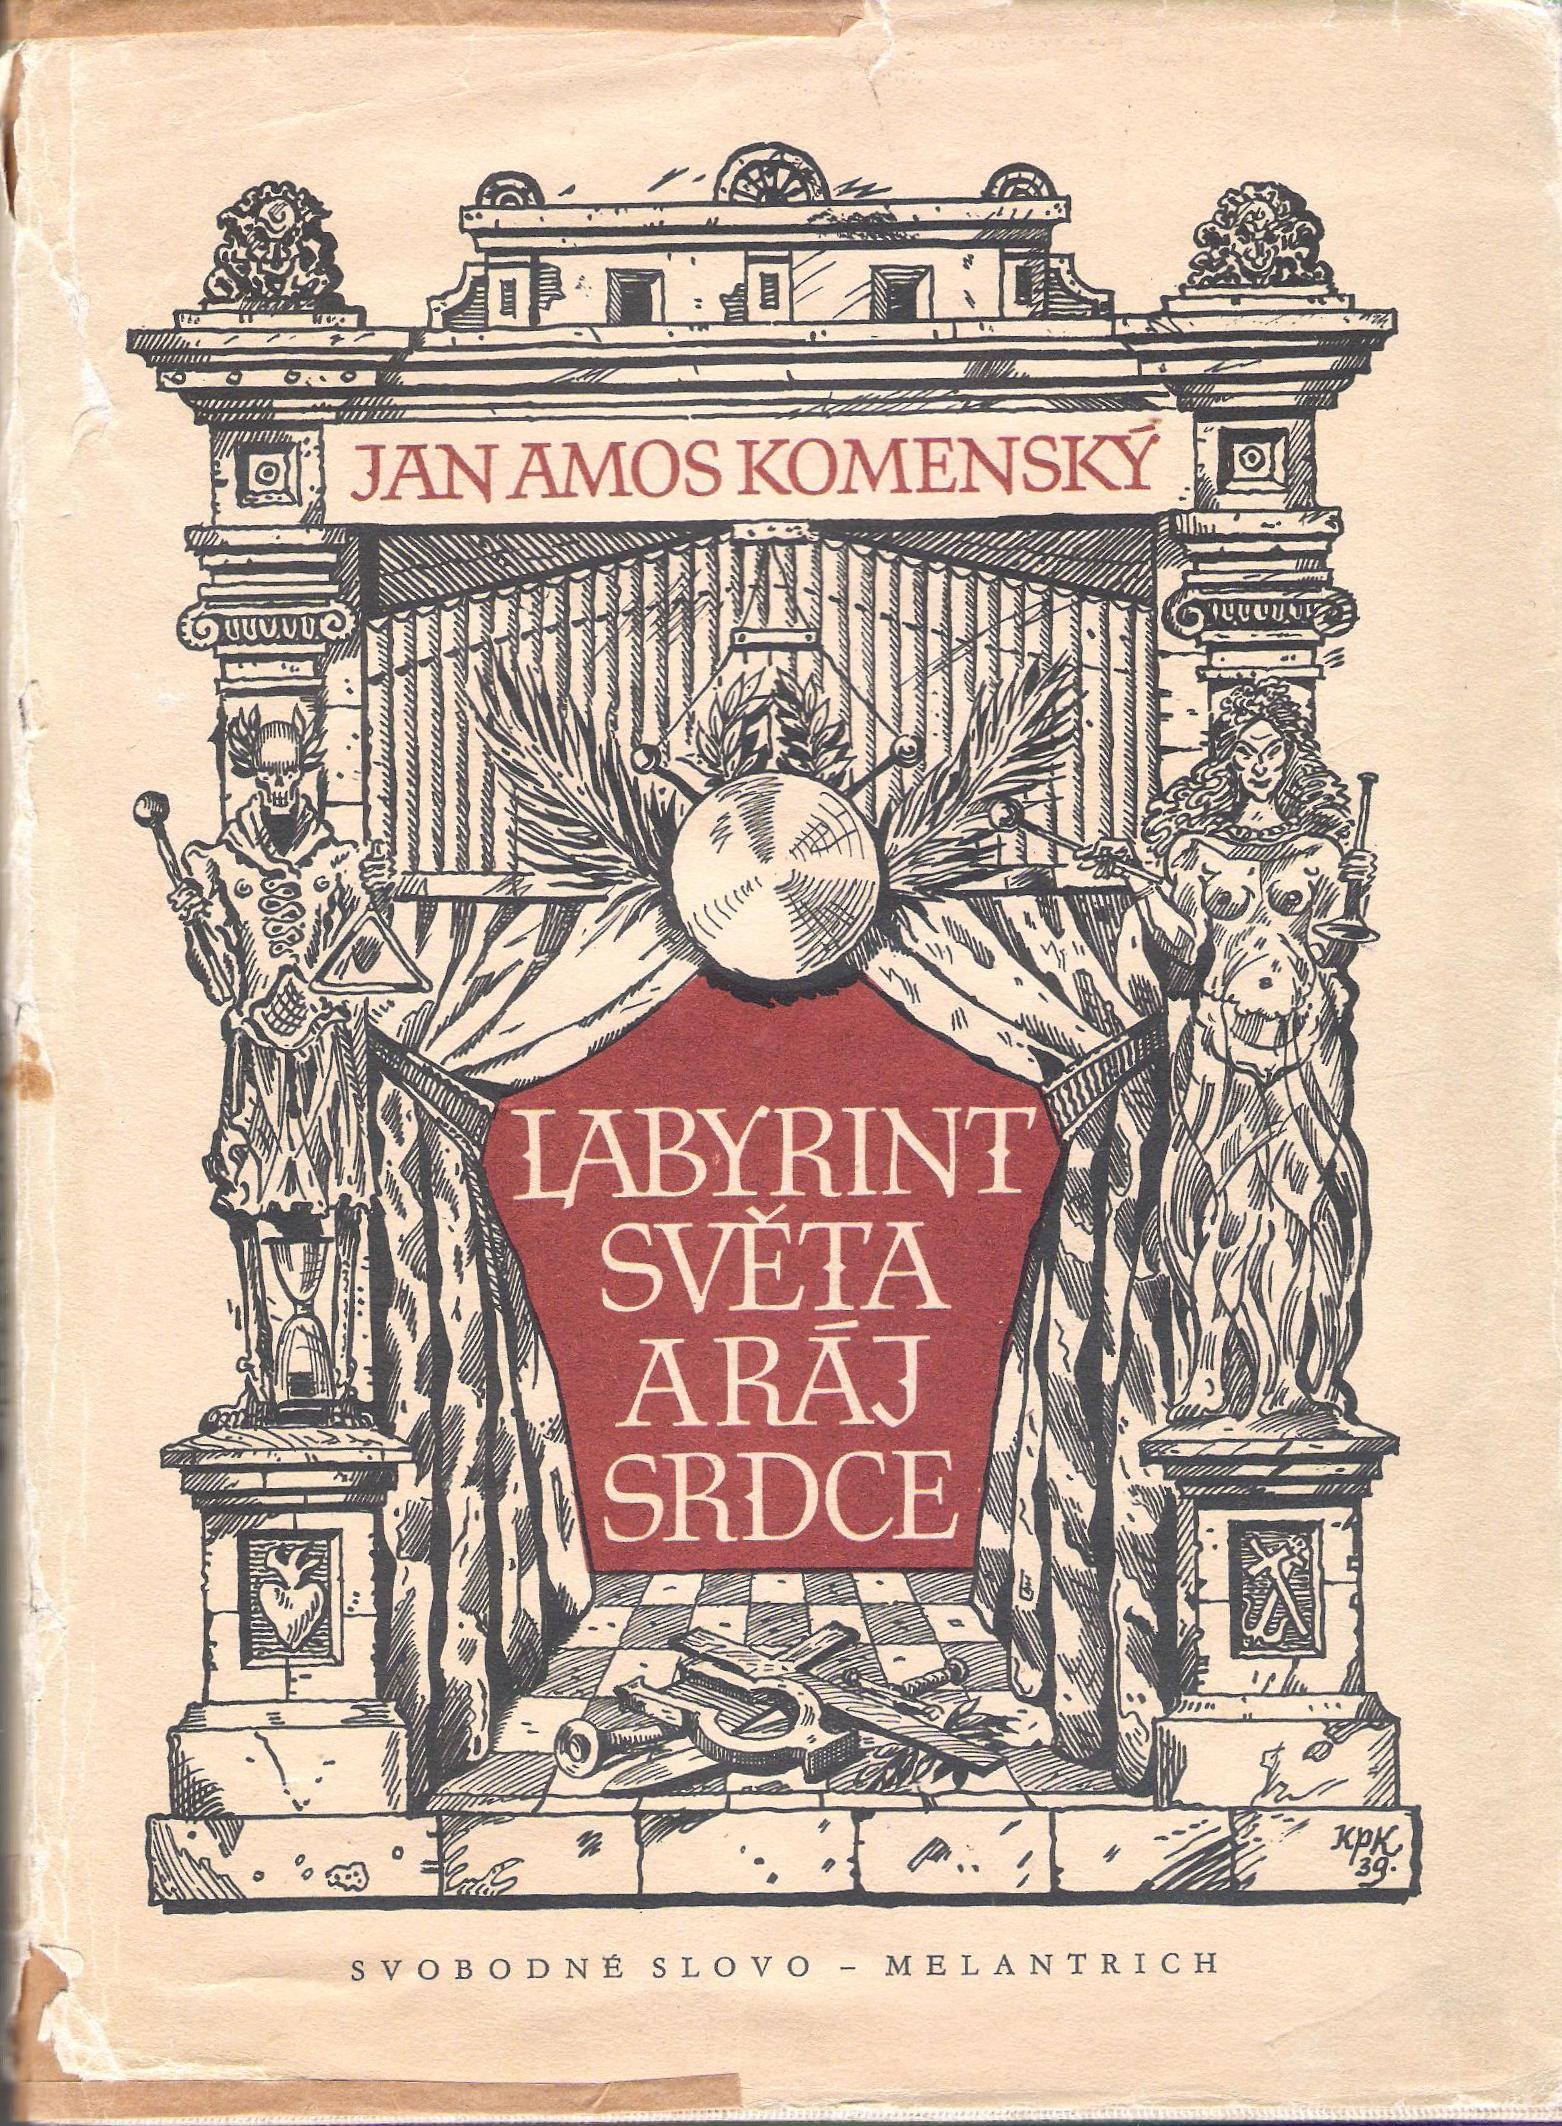 Labyrint světa a ráj srdce - Jan Amos Komenský